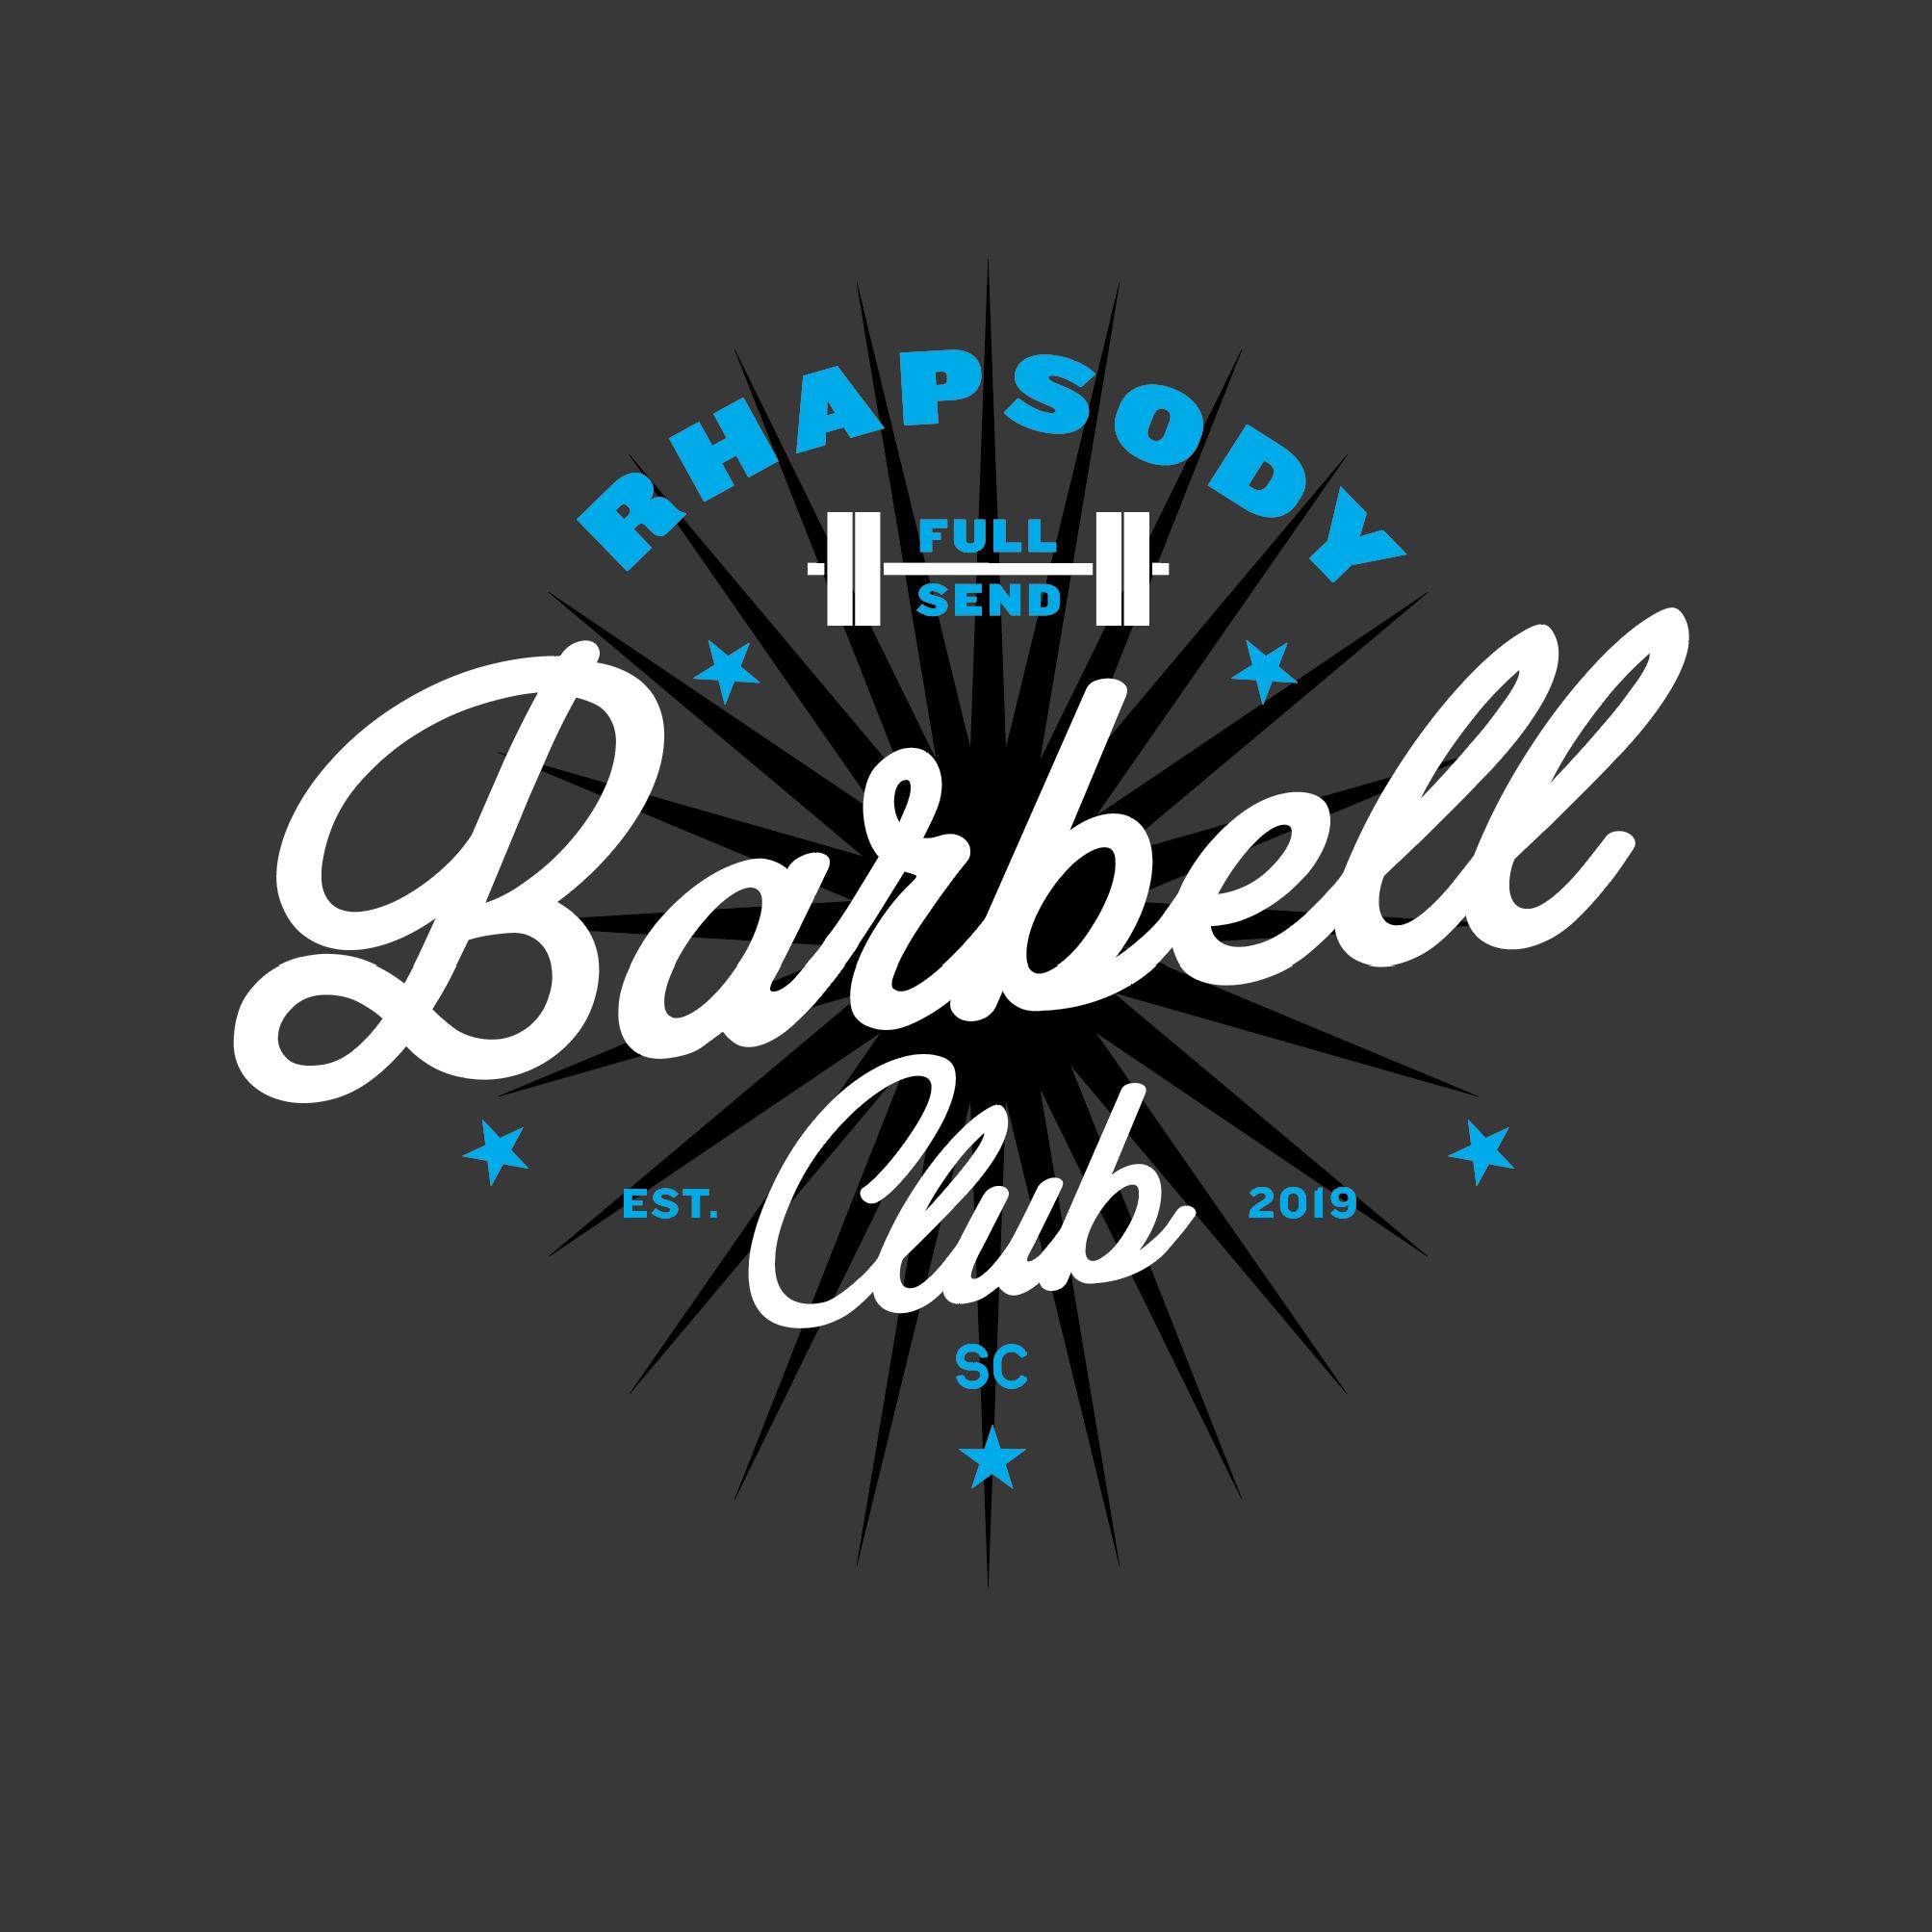 Rhapsody Barbell